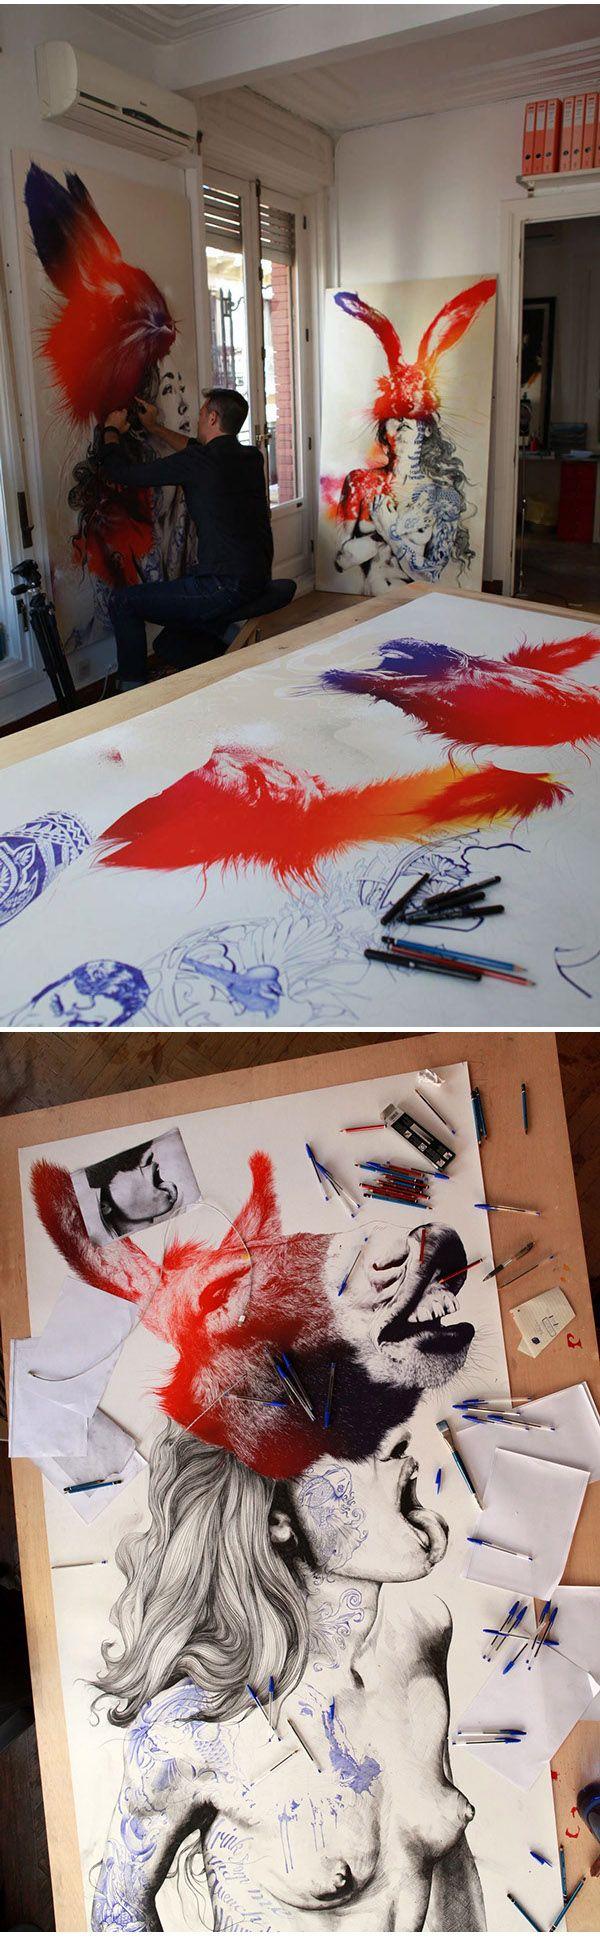 Gabriel Moreno https://www.behance.net/gallery/22264991/ANIMAL-BEAUTY